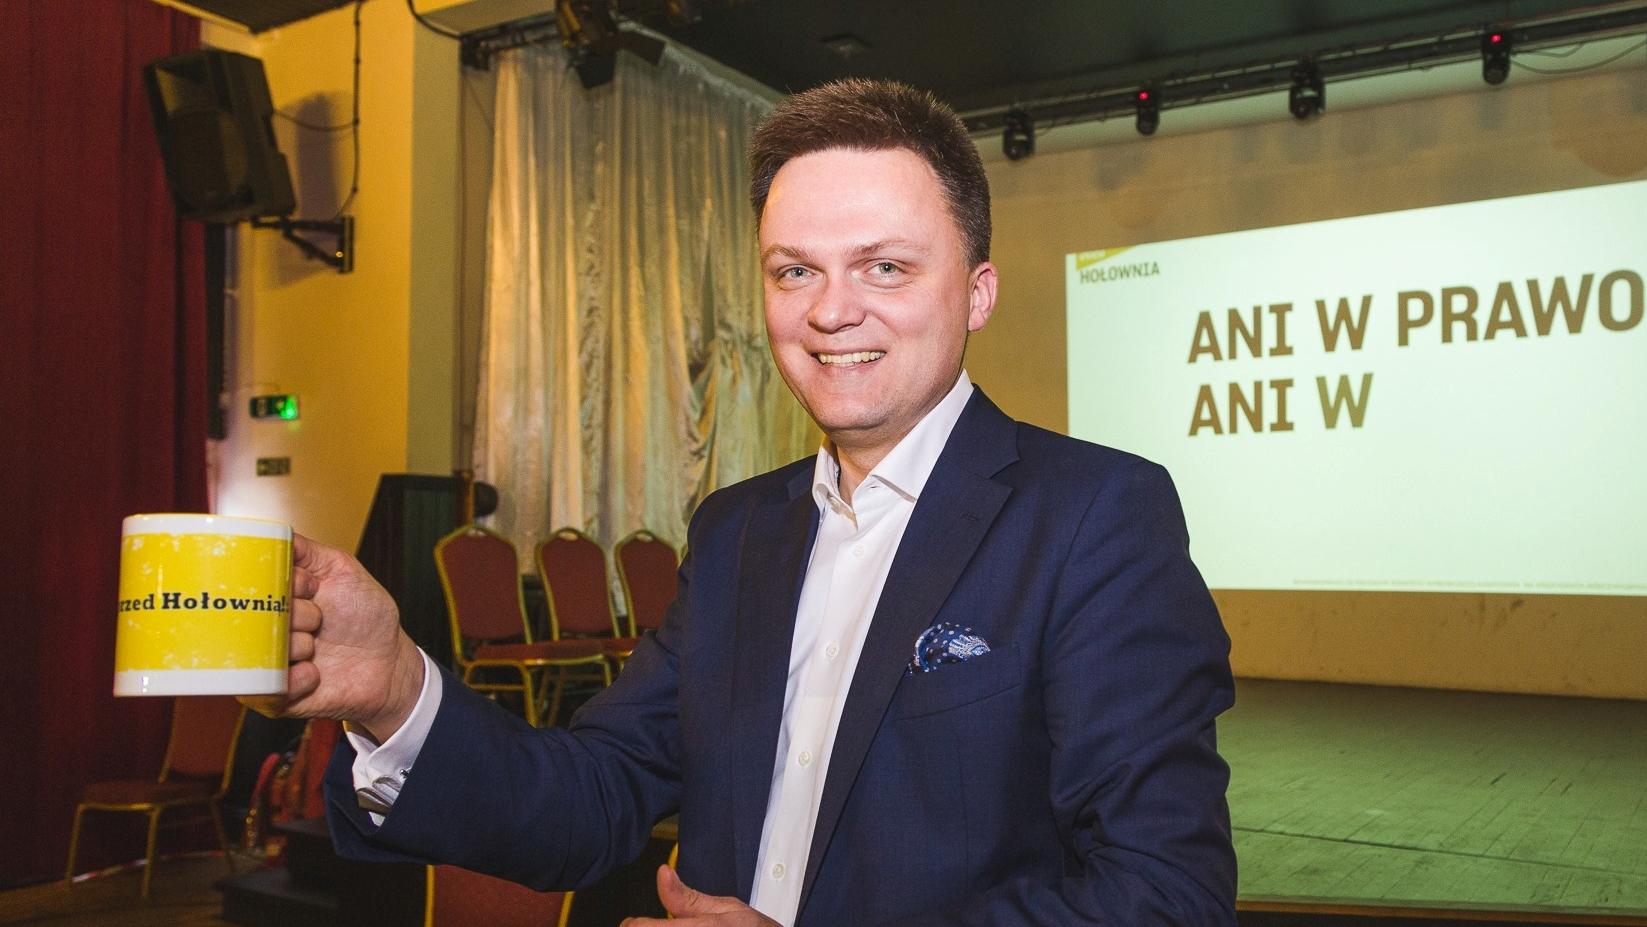 Ujawniono majątek Szymona Hołowni. Internauci zaskoczeni